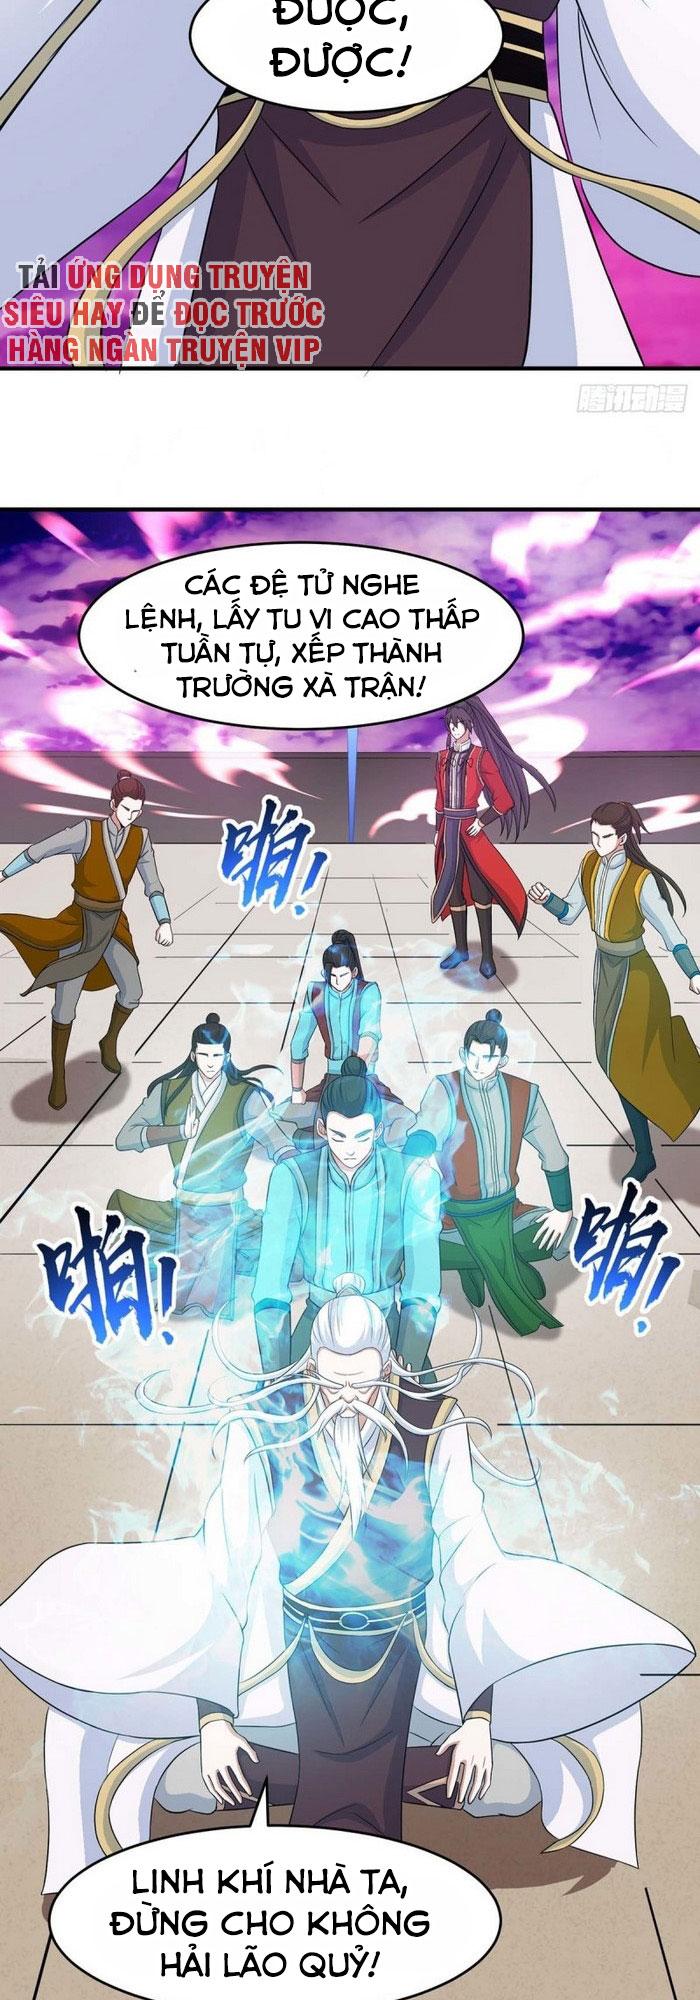 Tiên Đế Qui Lai chap 129 - Trang 7